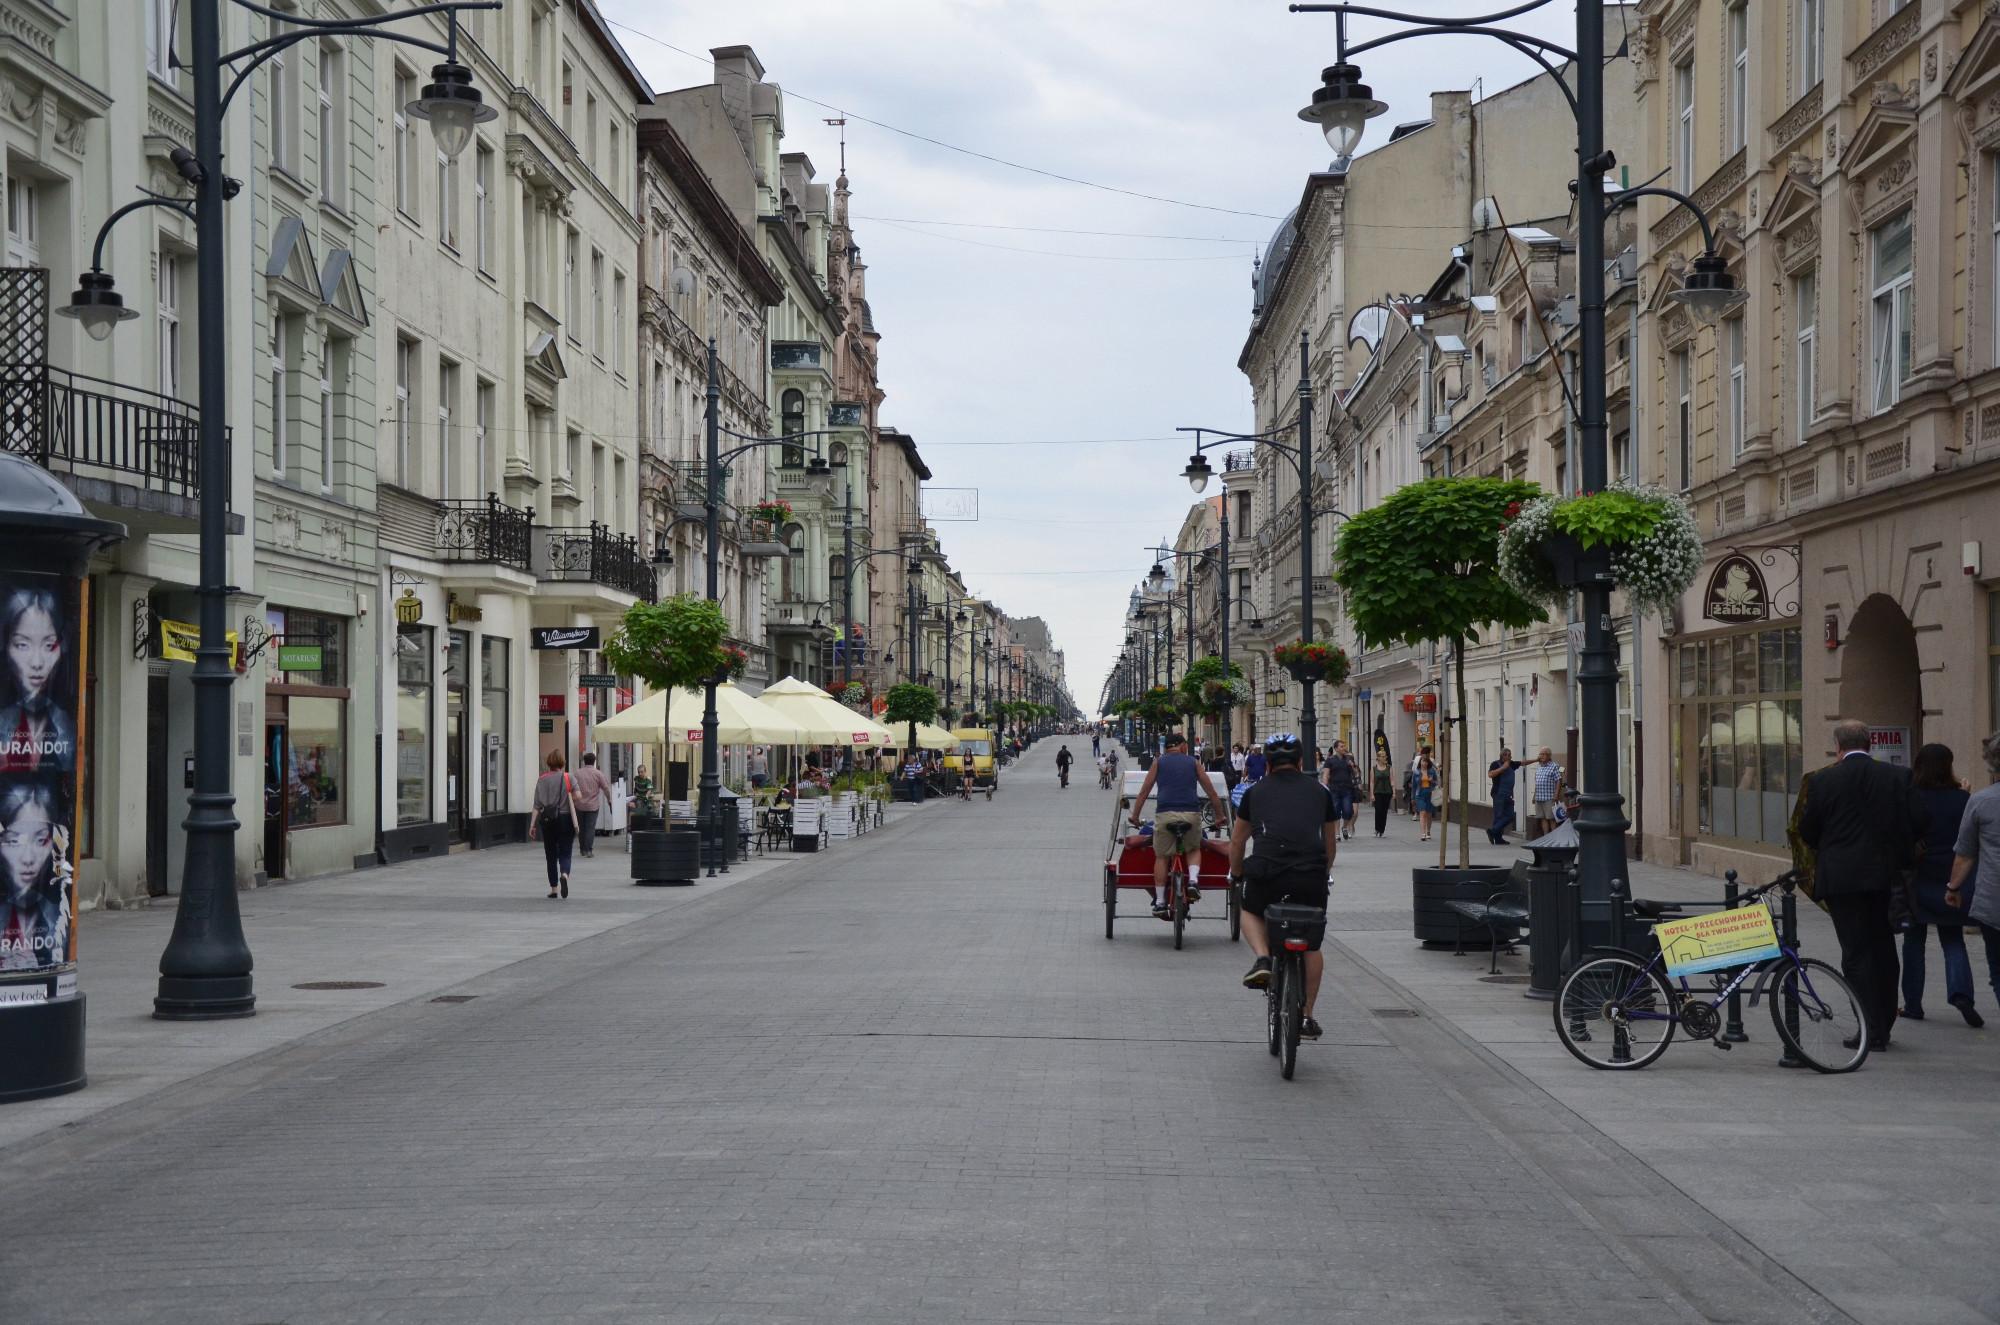 Die über vier Kilometer lange Prachtstraße Ulica Piotrkowska am frühen Nachmittag. Einheimische und Touristen benutzen gern die typischen Rikschas, um sich in der Fußgängerzone befördern zu lassen. (Foto: © Jürgen Ulbrich)